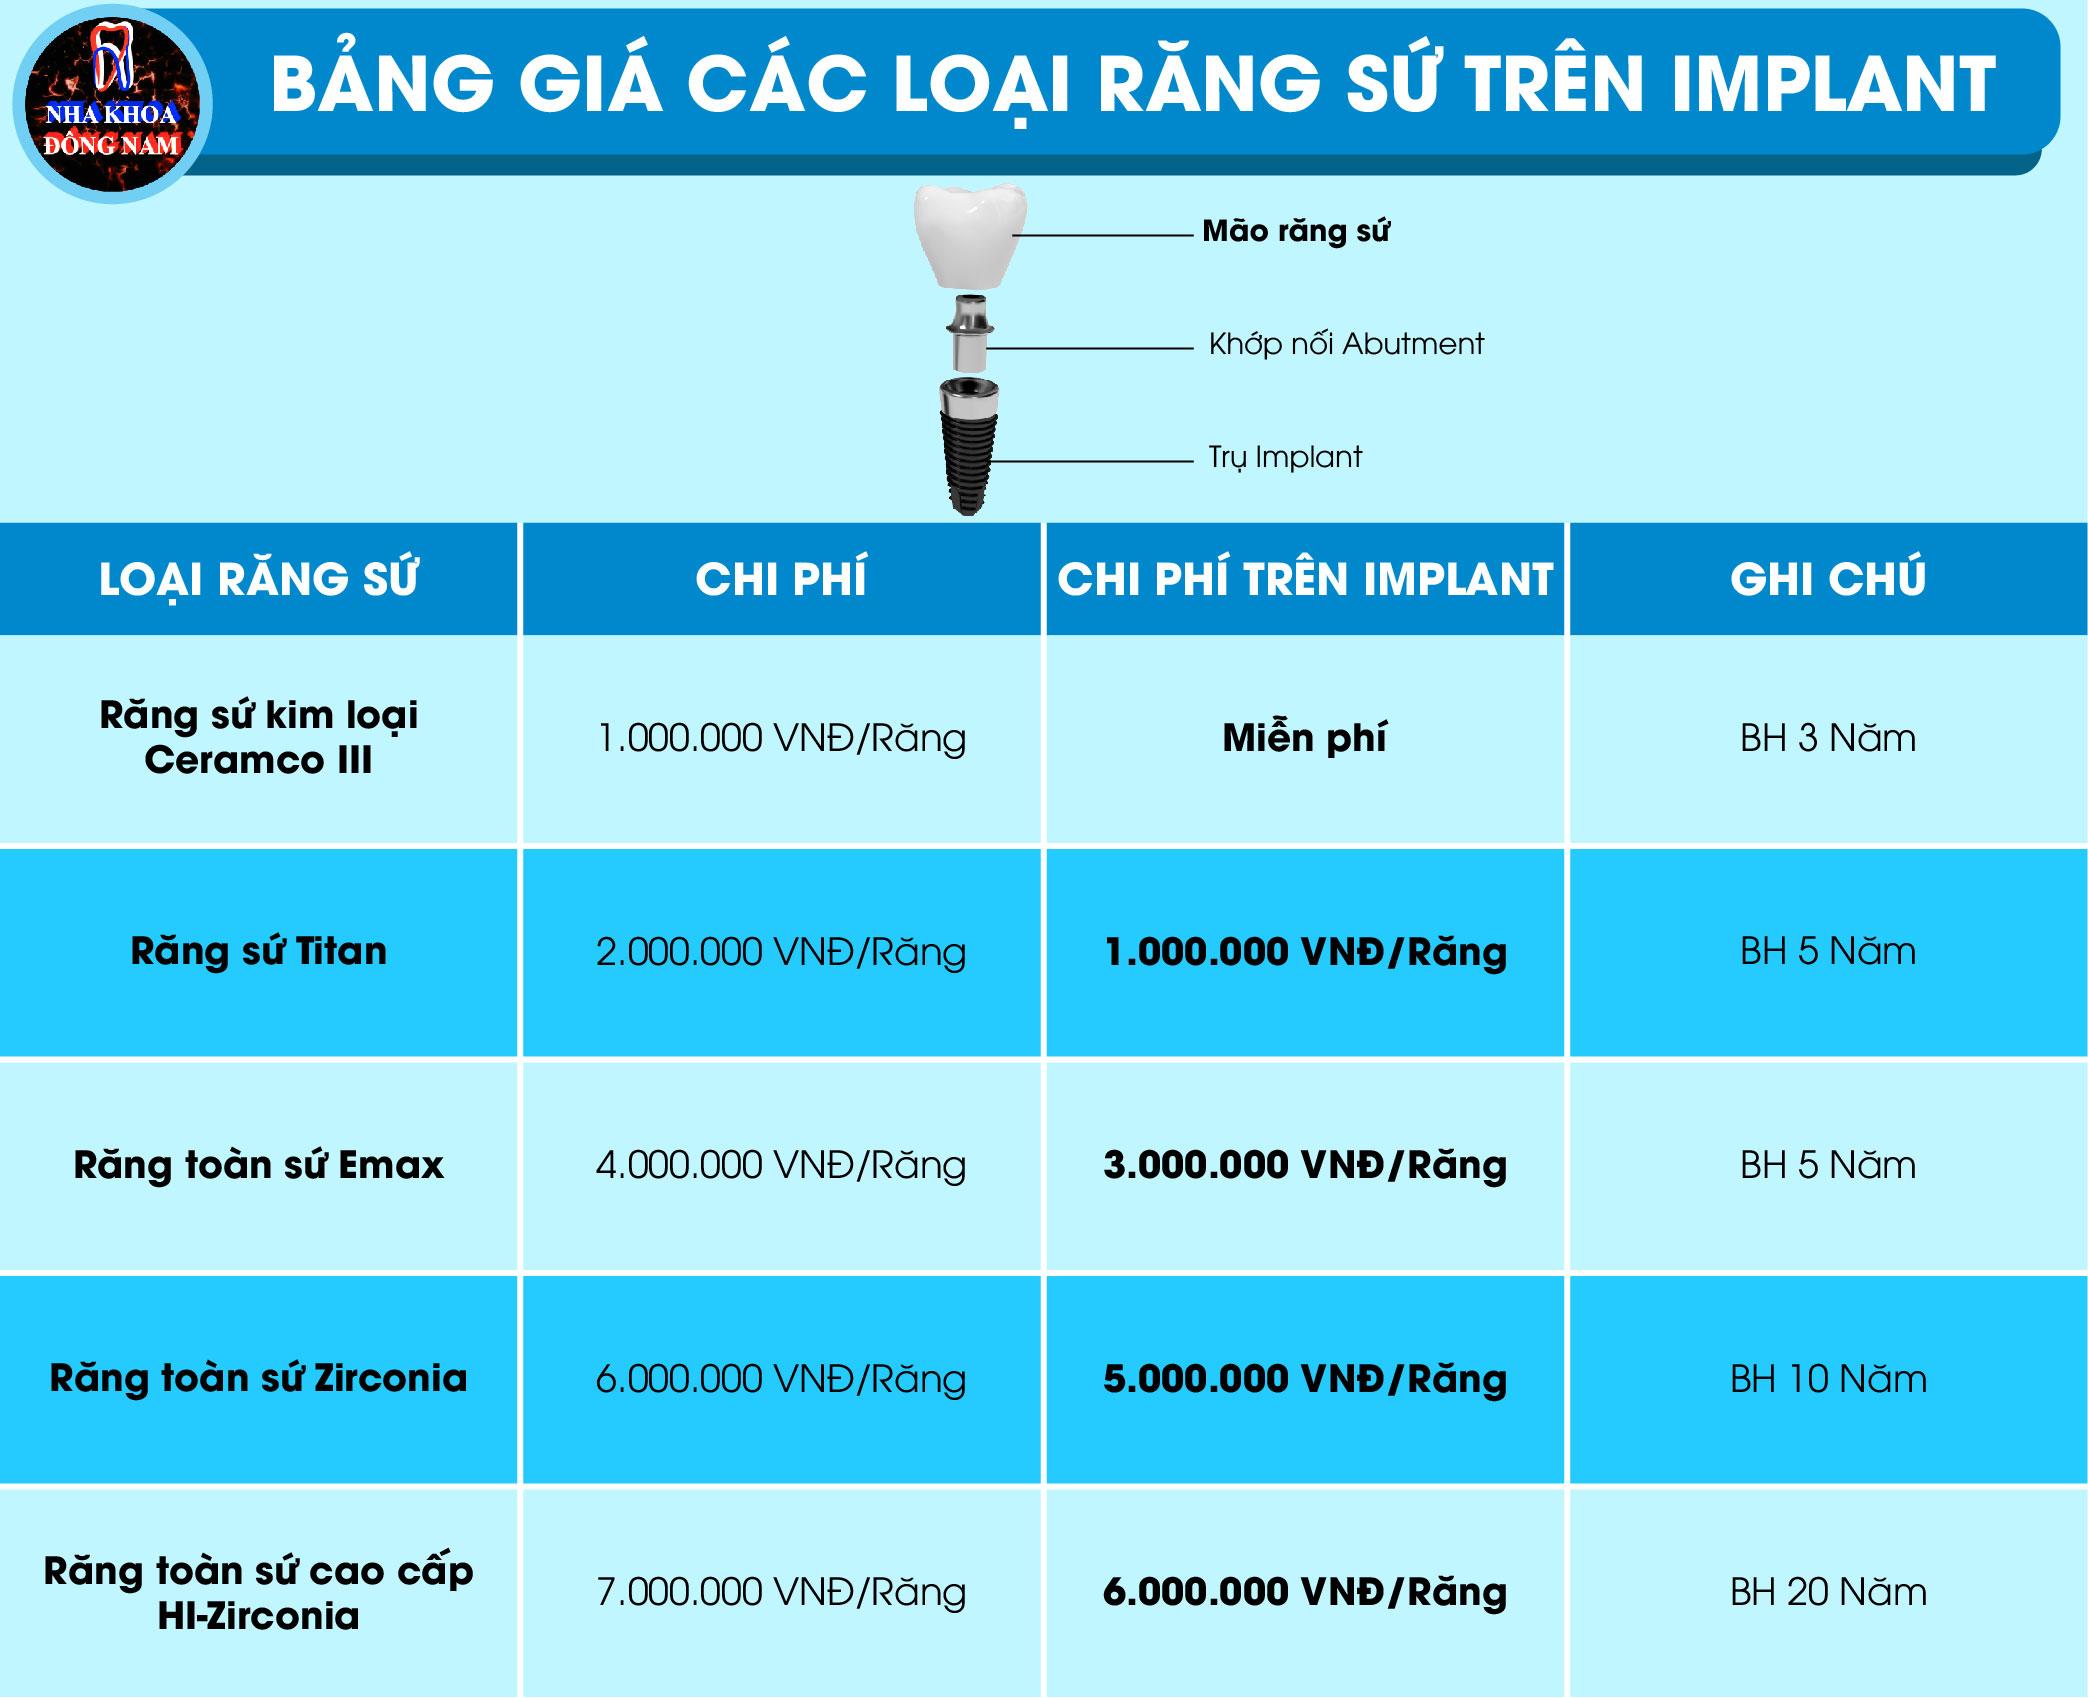 Bảng Giá Răng Sứ Thực Hiện Cấy Ghép Implant